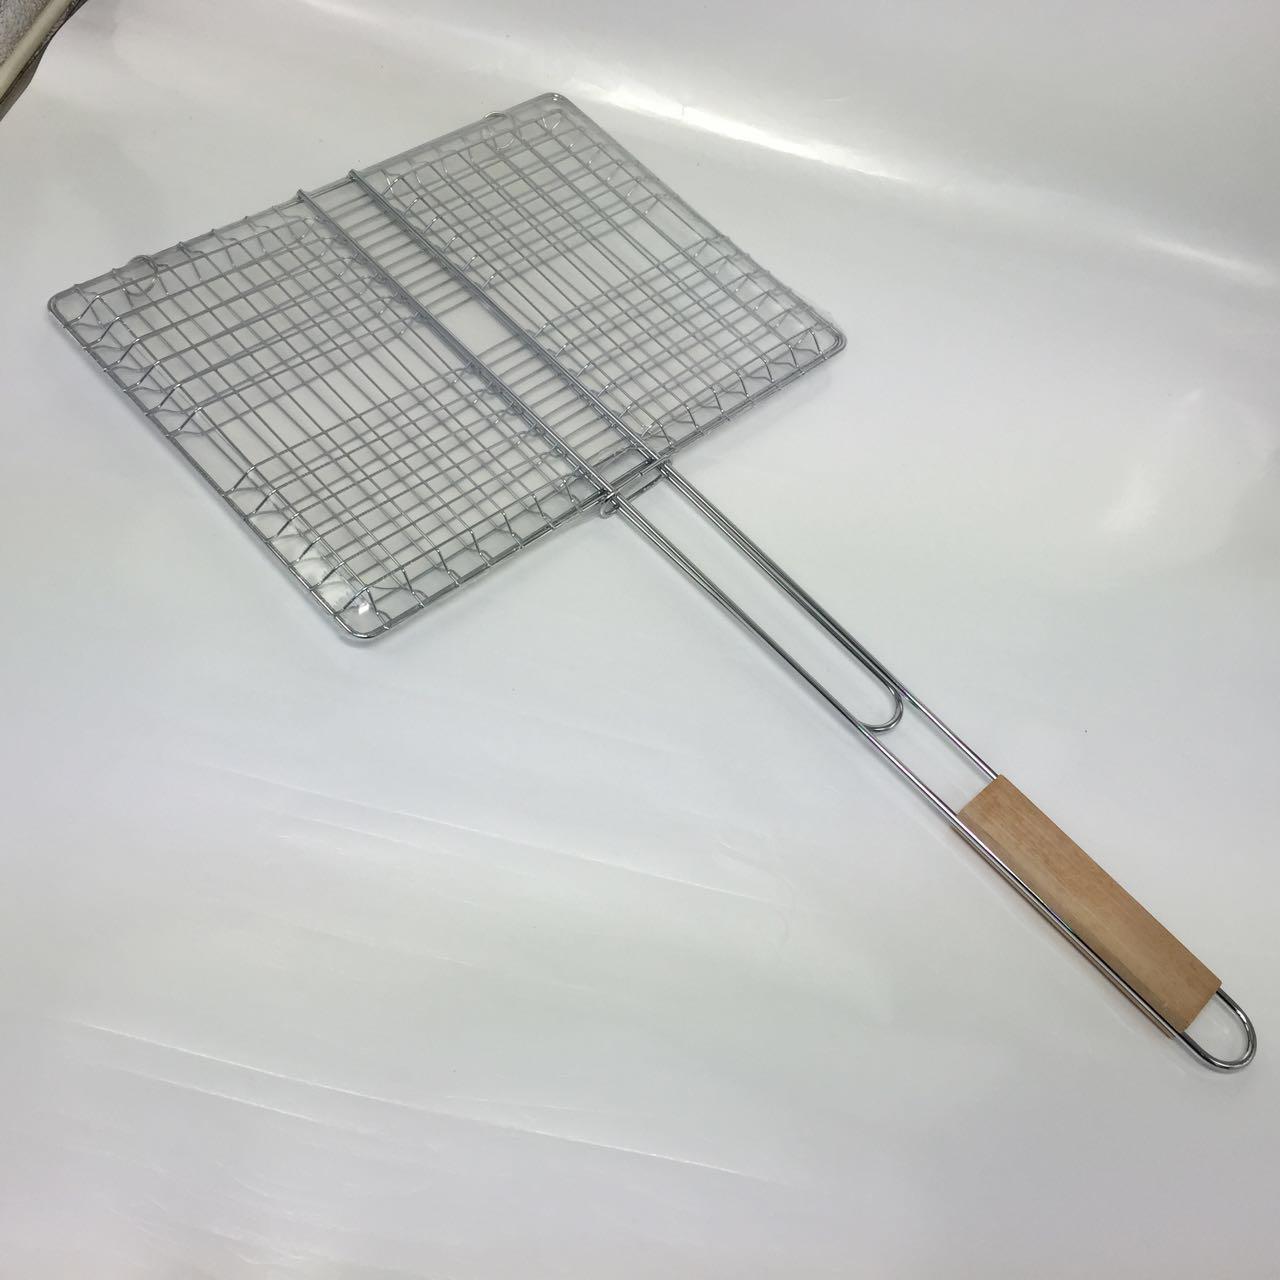 оазис барбекю на открытом воздухе инструментов рыбы стойка барбекю клип сети 2 пакет mail